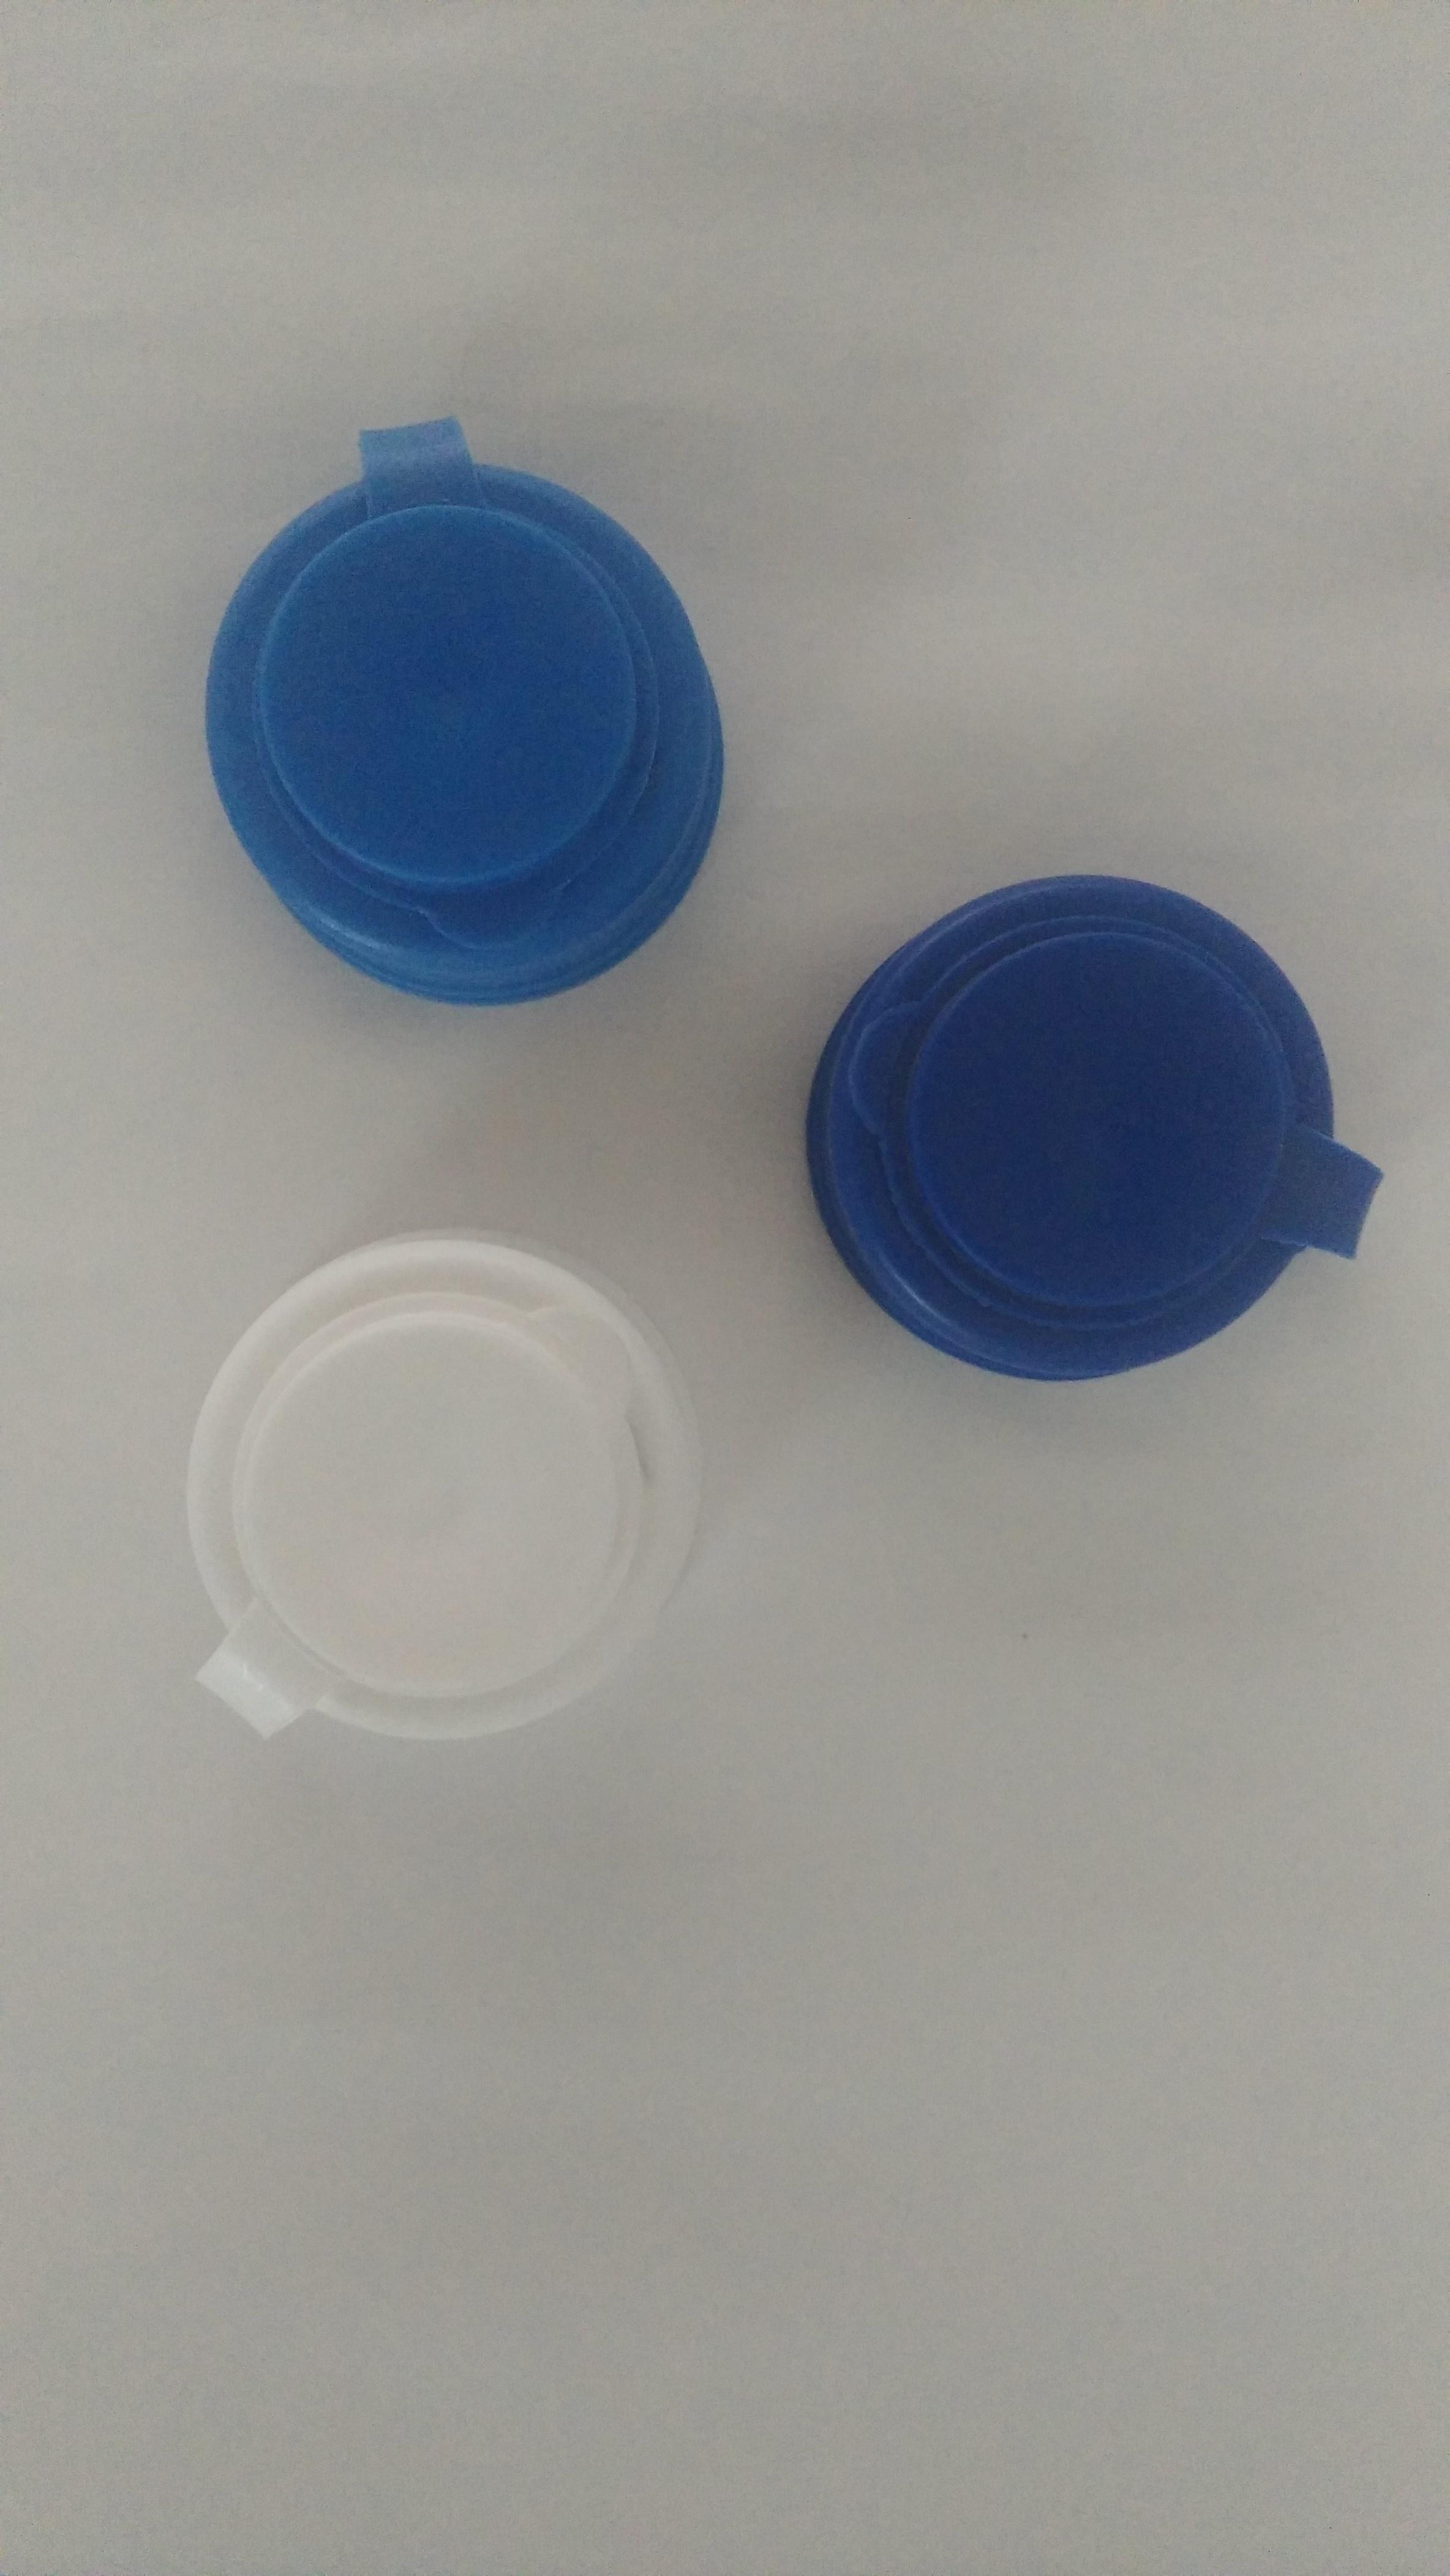 Tapa de presión (chupón) generica